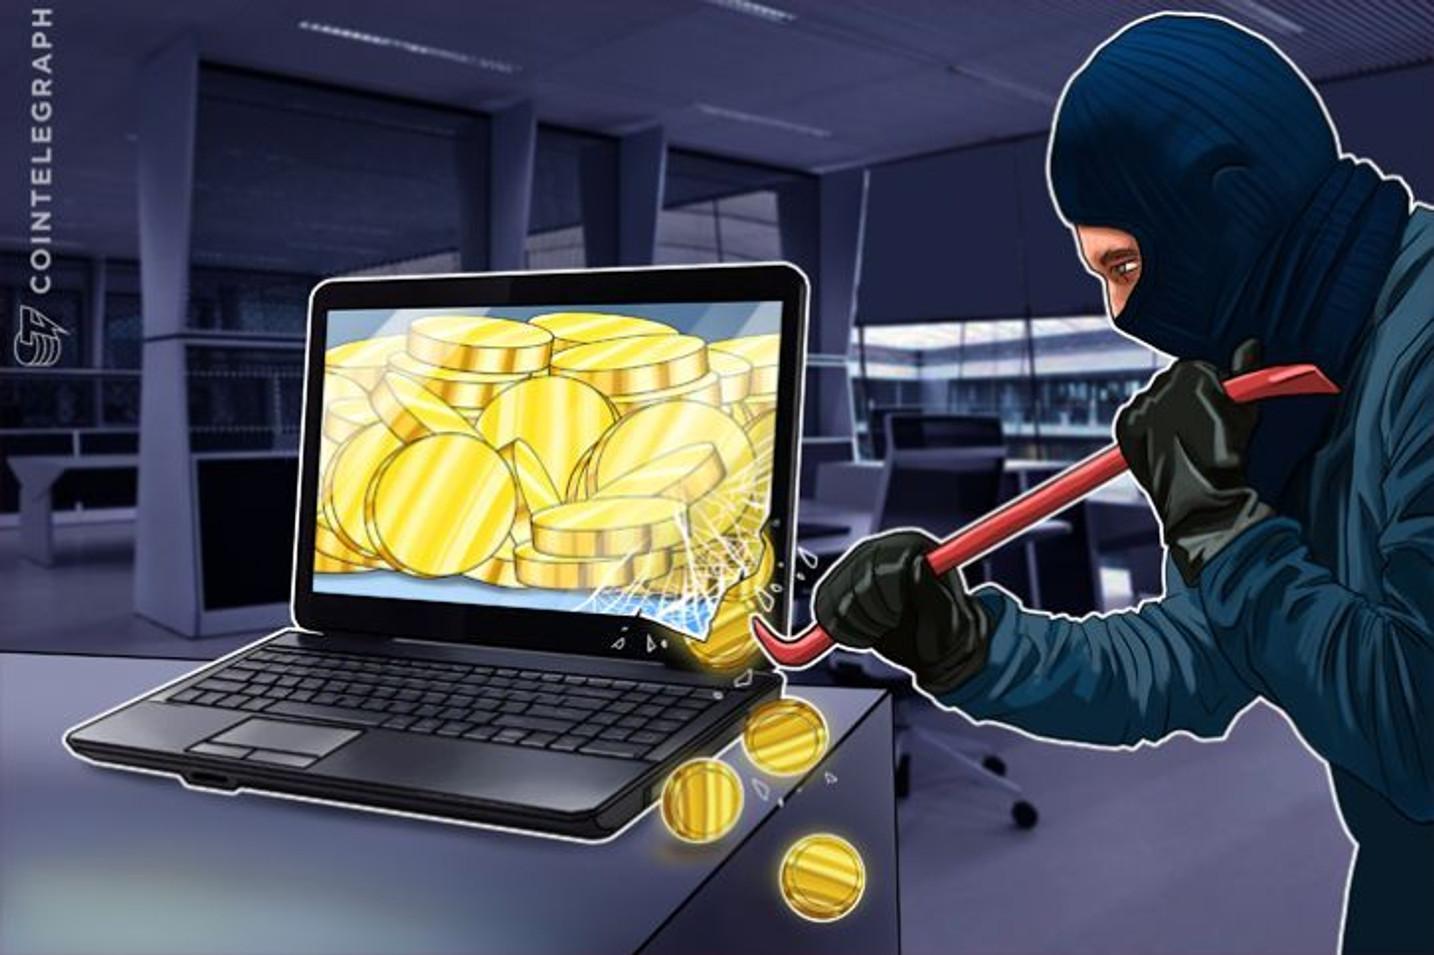 Intercambio Bitcoin Chino OKEx es hackeado por $ 3 millones, policía no interesada